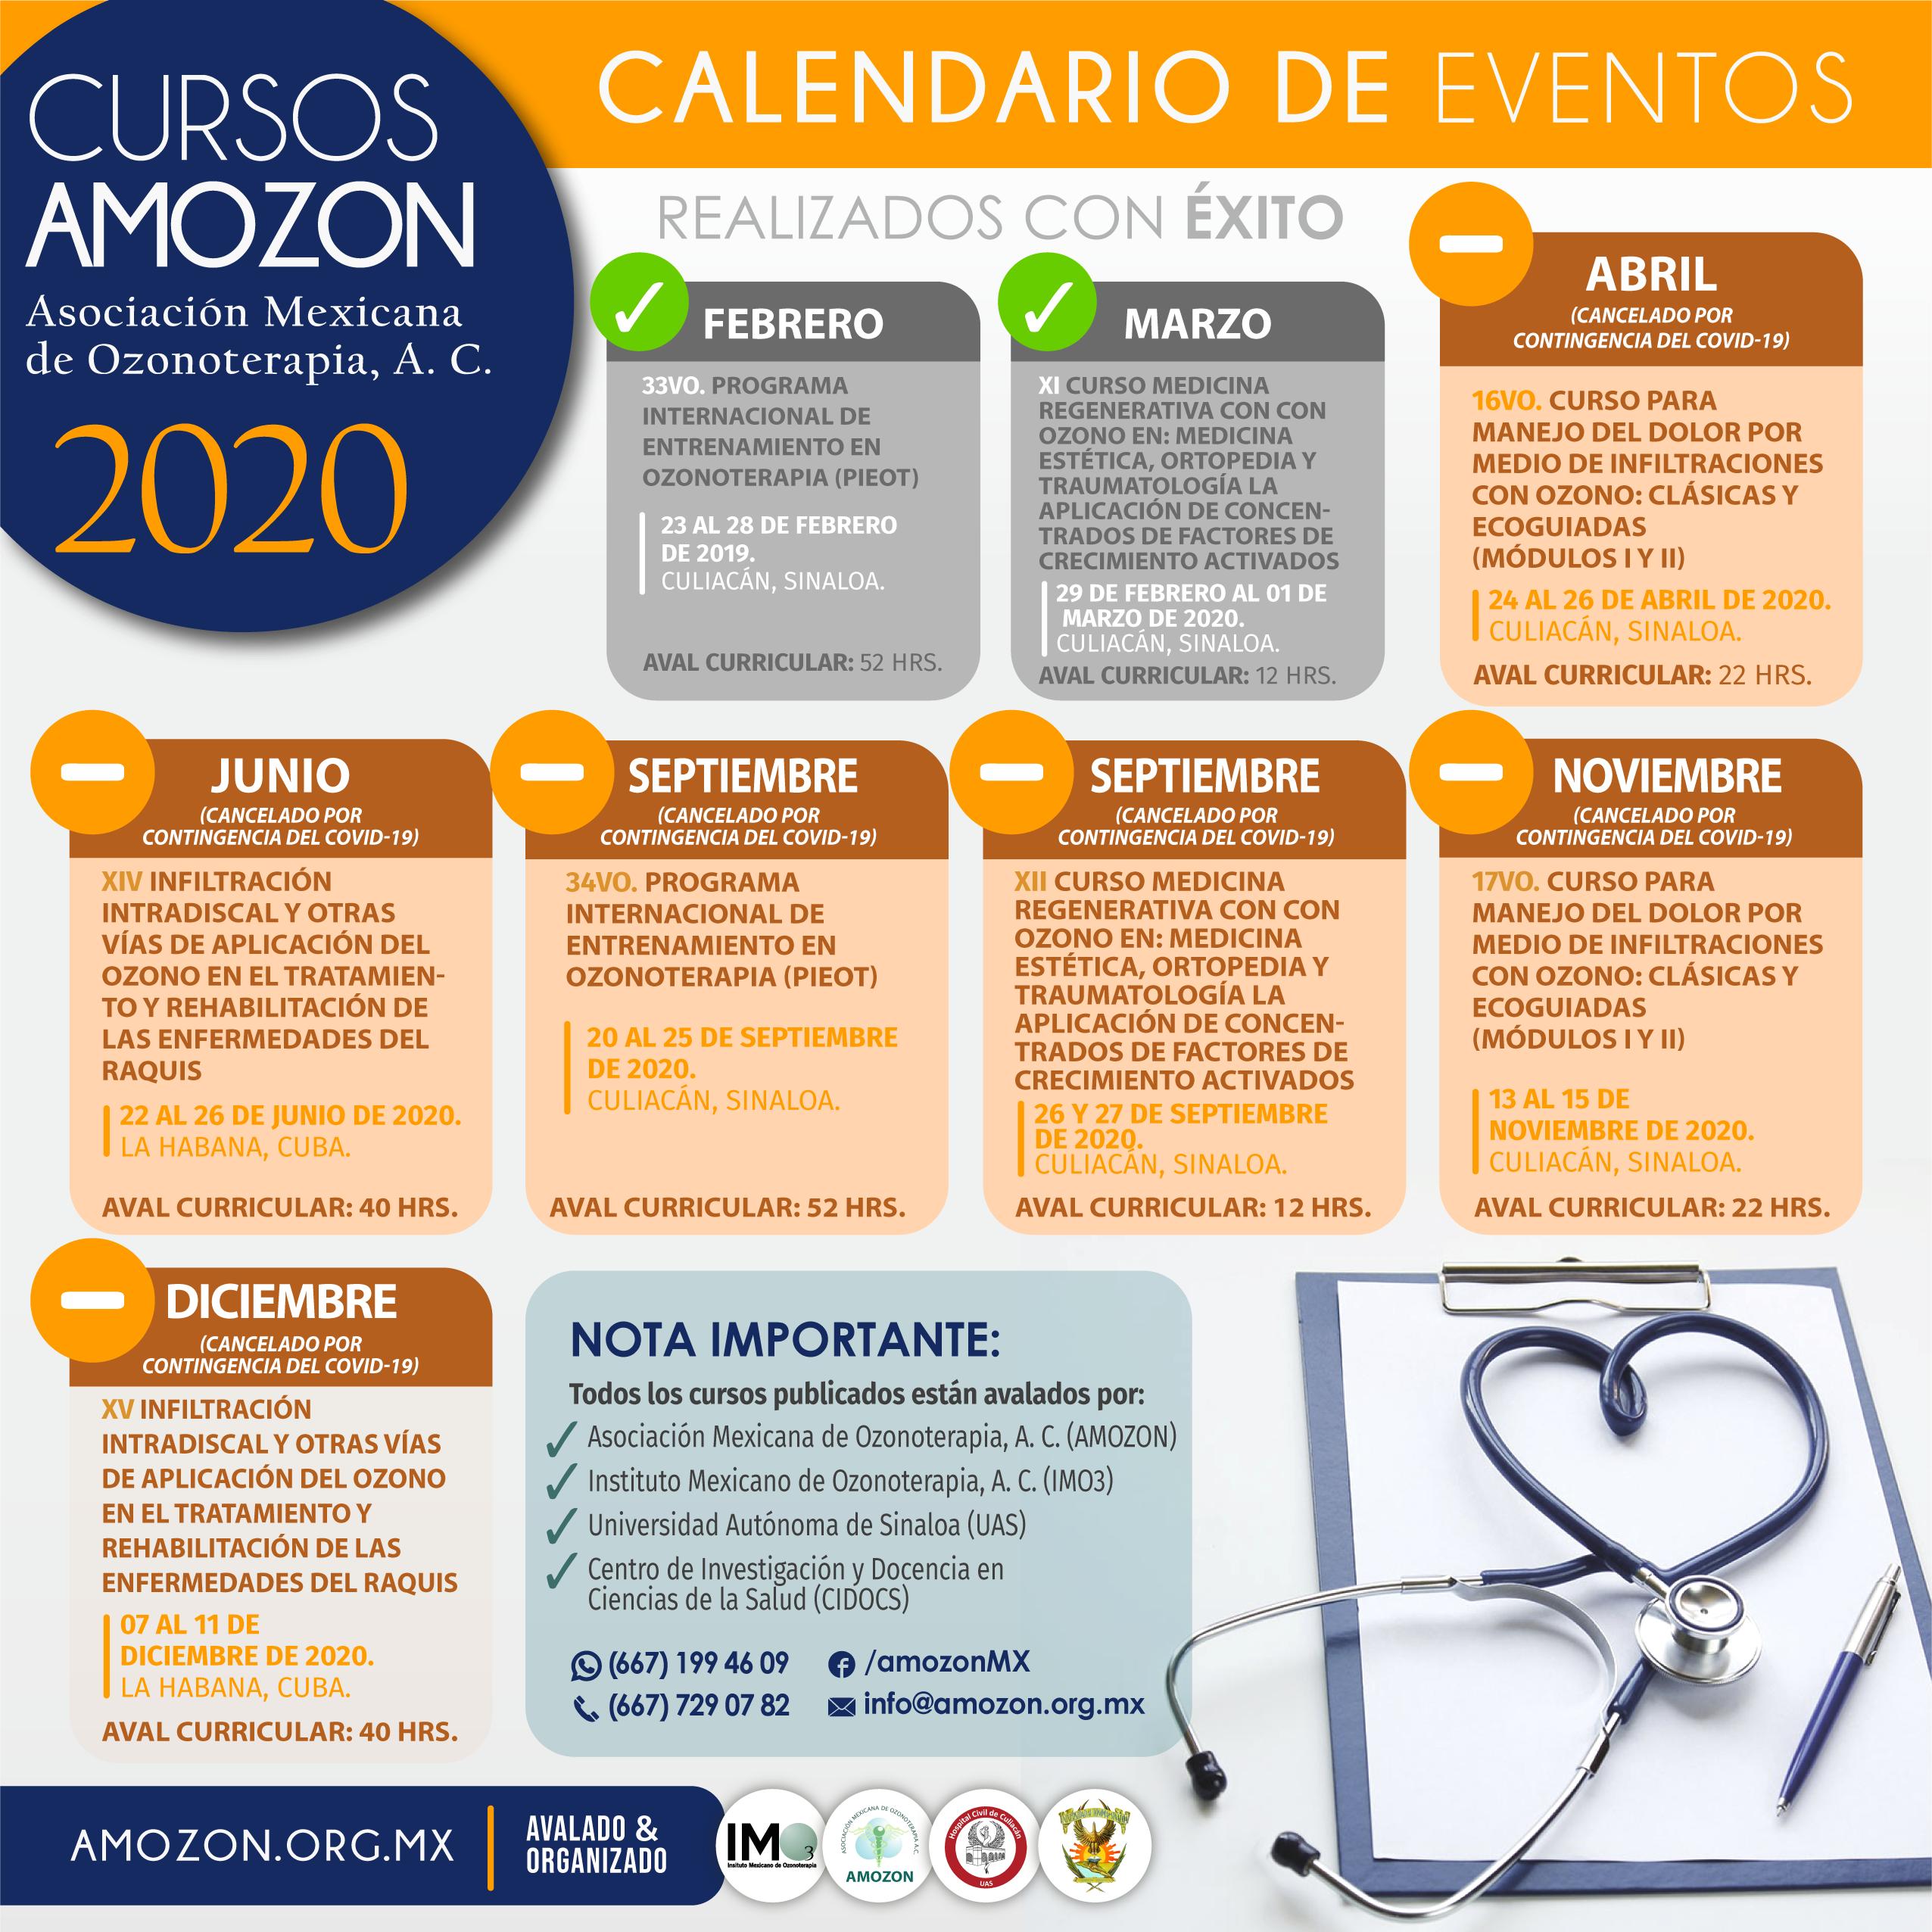 CALENDARIO CURSOS AMOZON 2020